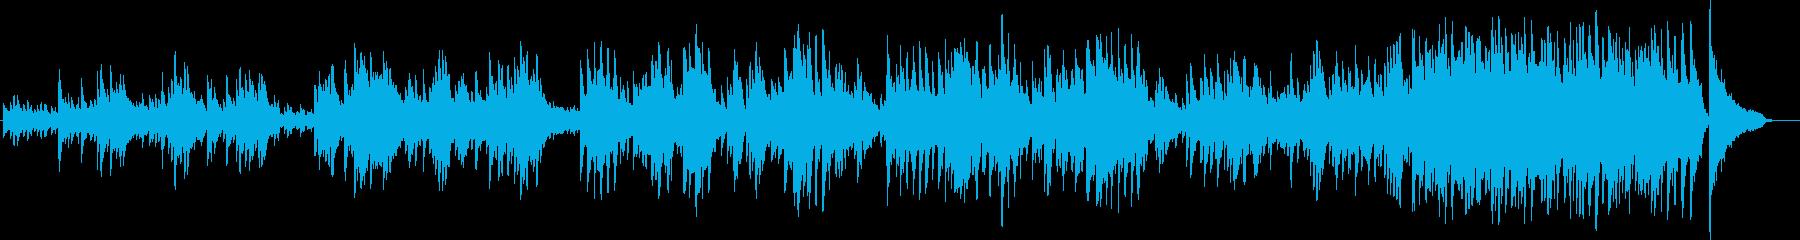 アコーステック 感情的 やる気 ピアノの再生済みの波形